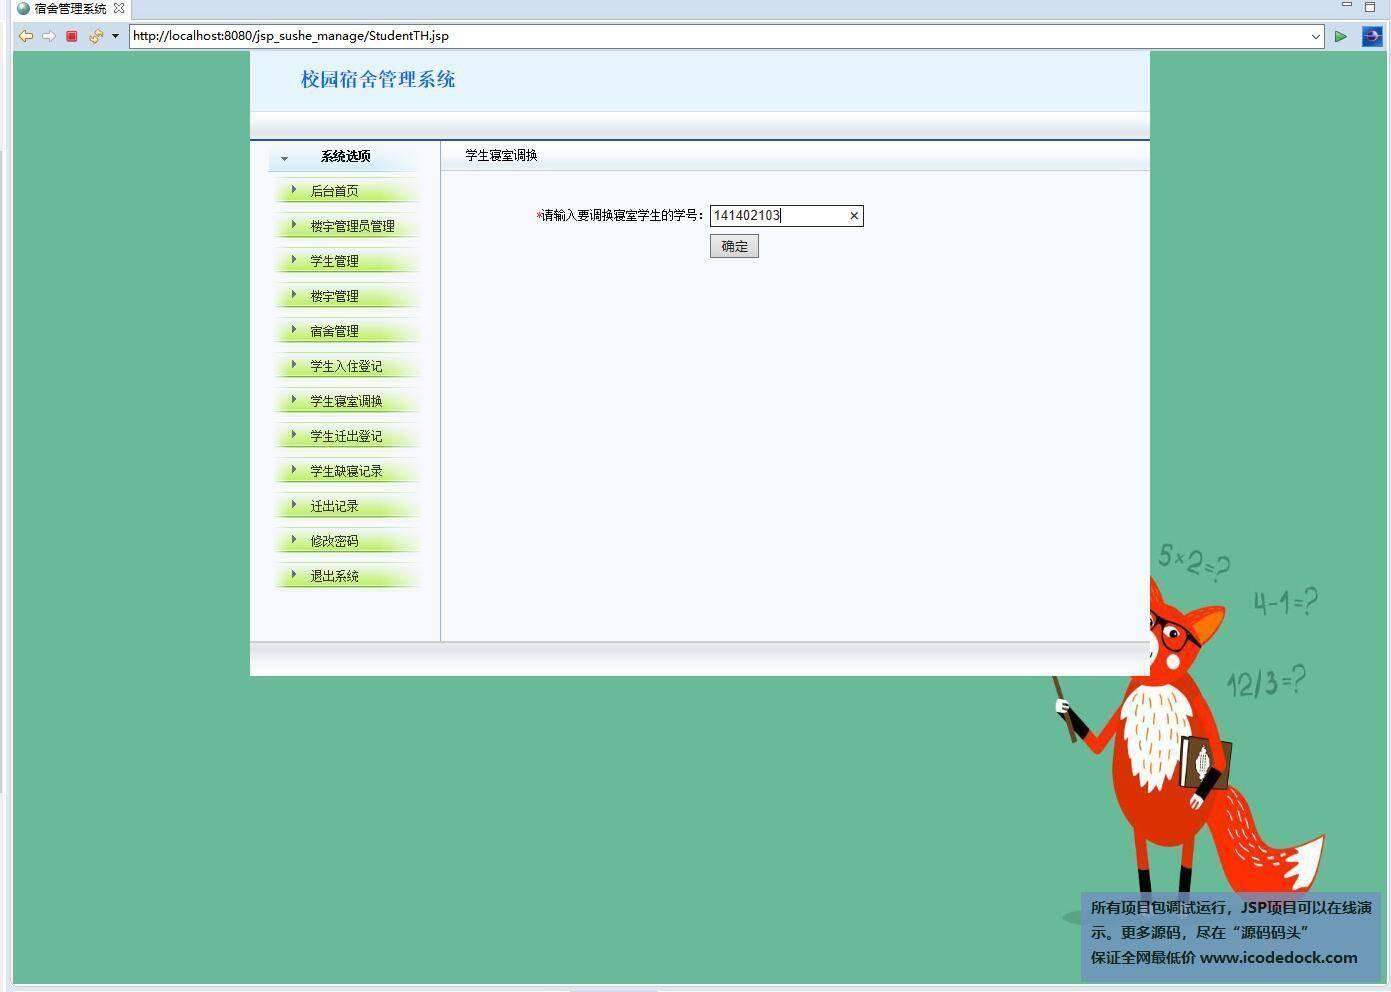 源码码头-JSP学校宿舍管理系统-系统管理员角色-寝室调换